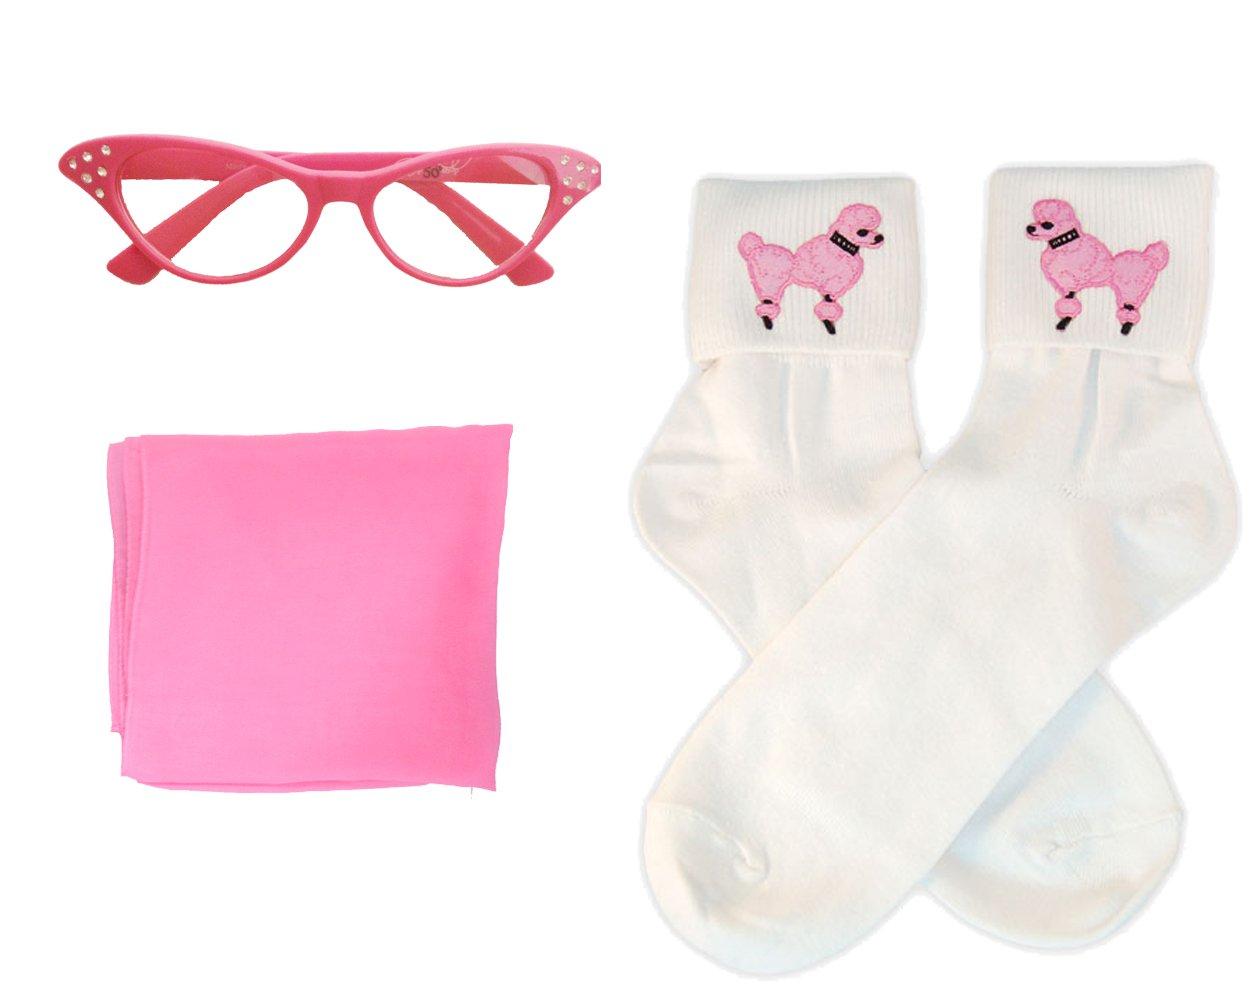 Hip Hop 50s Shop Adult 7 Piece Poodle Skirt Costume Set Black and Pink XLarge by Hip Hop 50s Shop (Image #7)